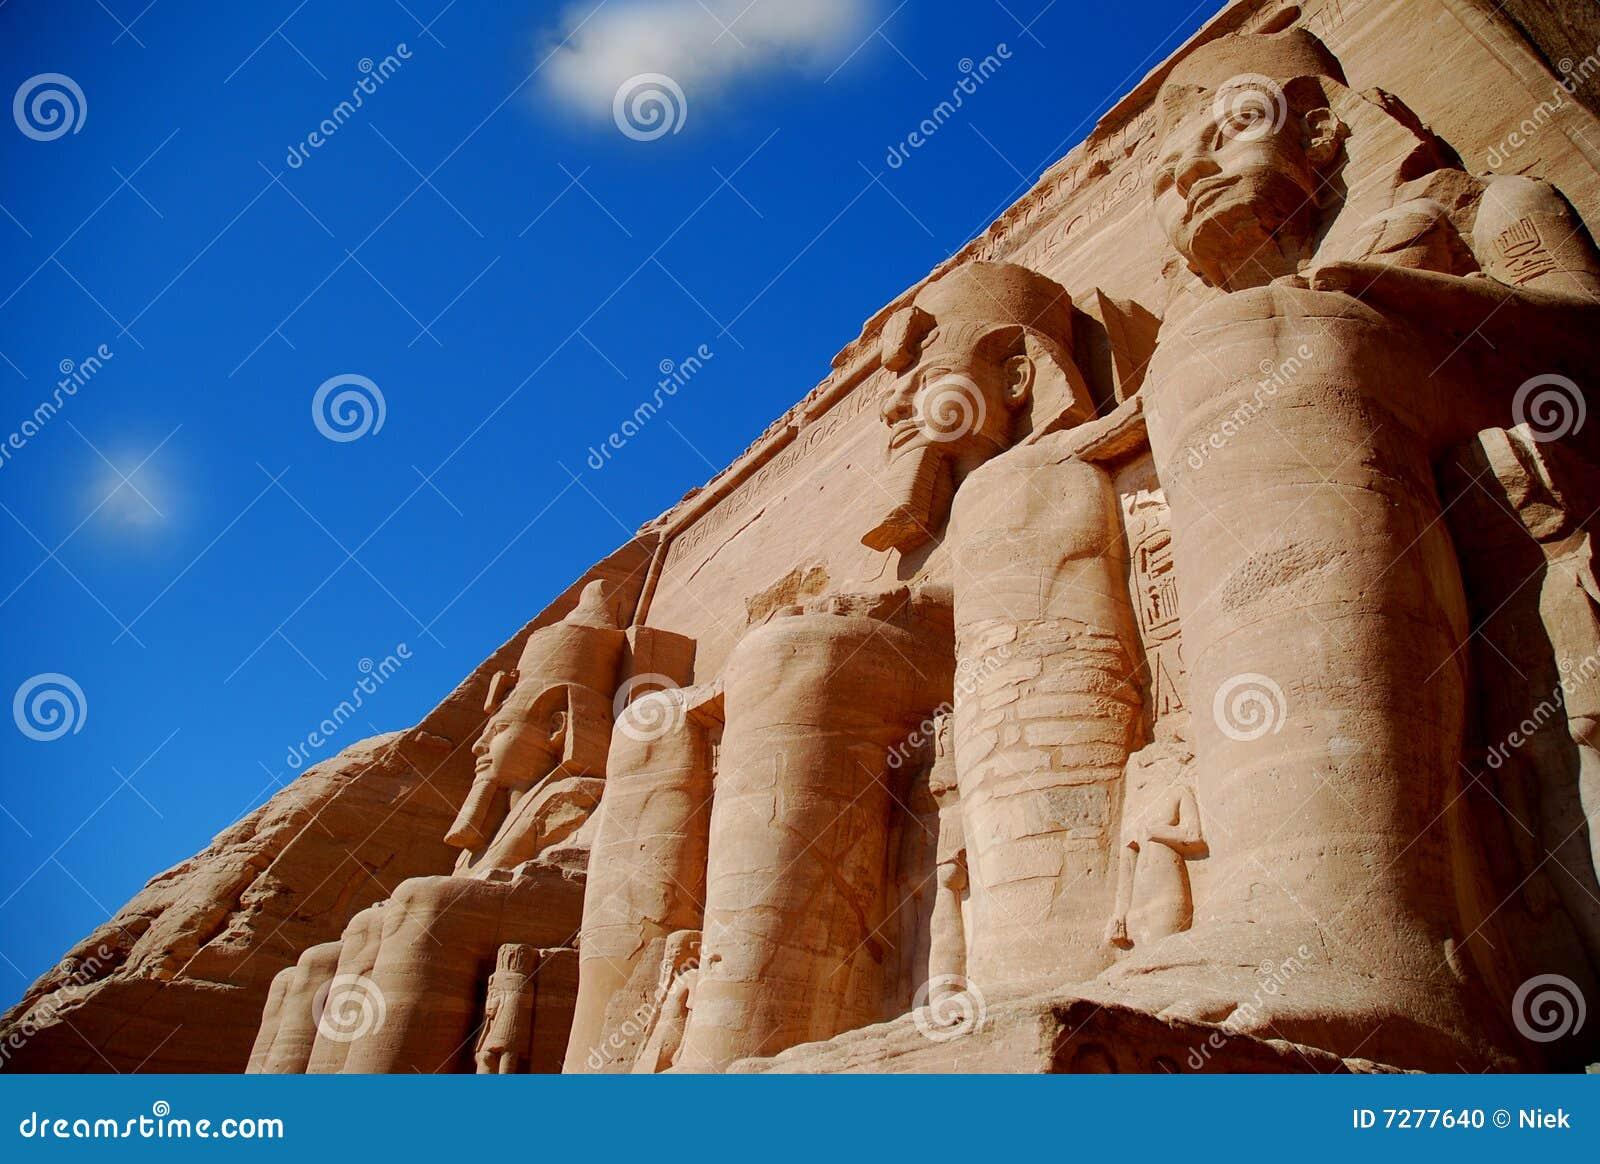 Monumentos en Egipto